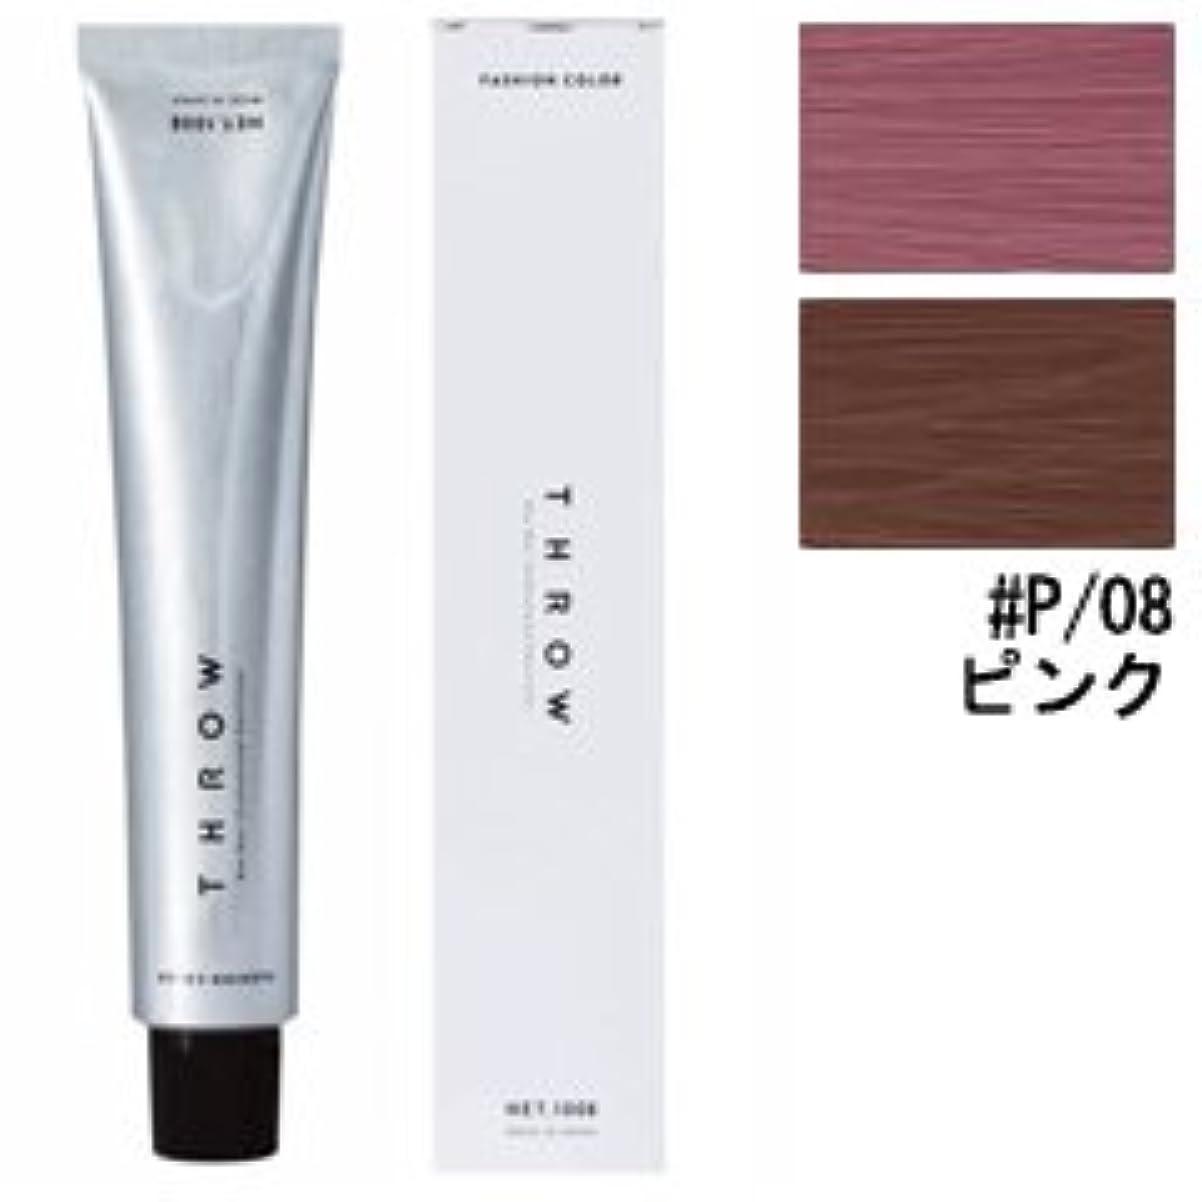 リズミカルなチャレンジ保全【モルトベーネ】スロウ ファッションカラー #P/08 ピンク 100g